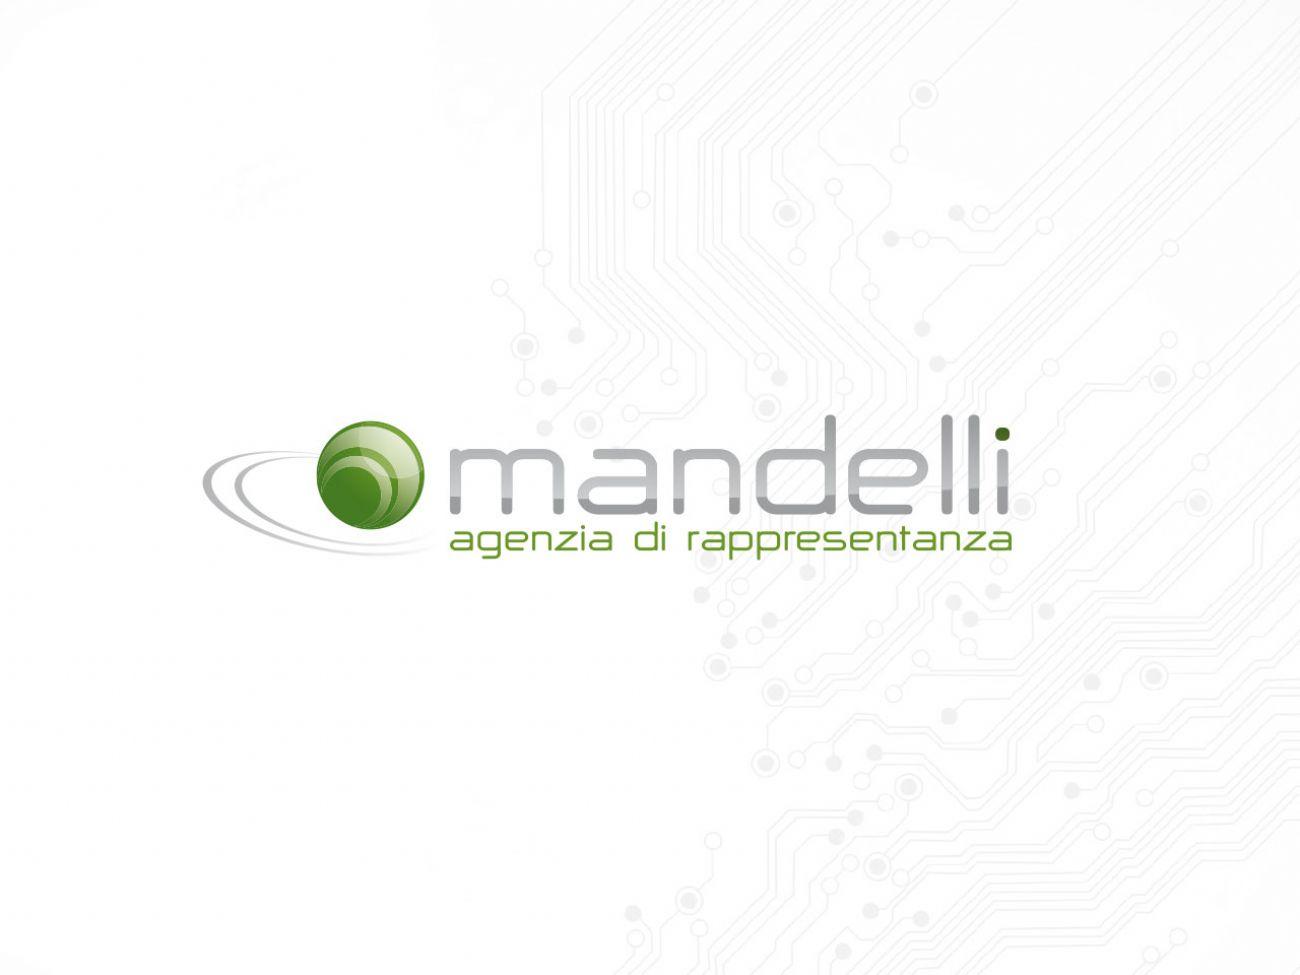 Logo agenzia rappresentanze